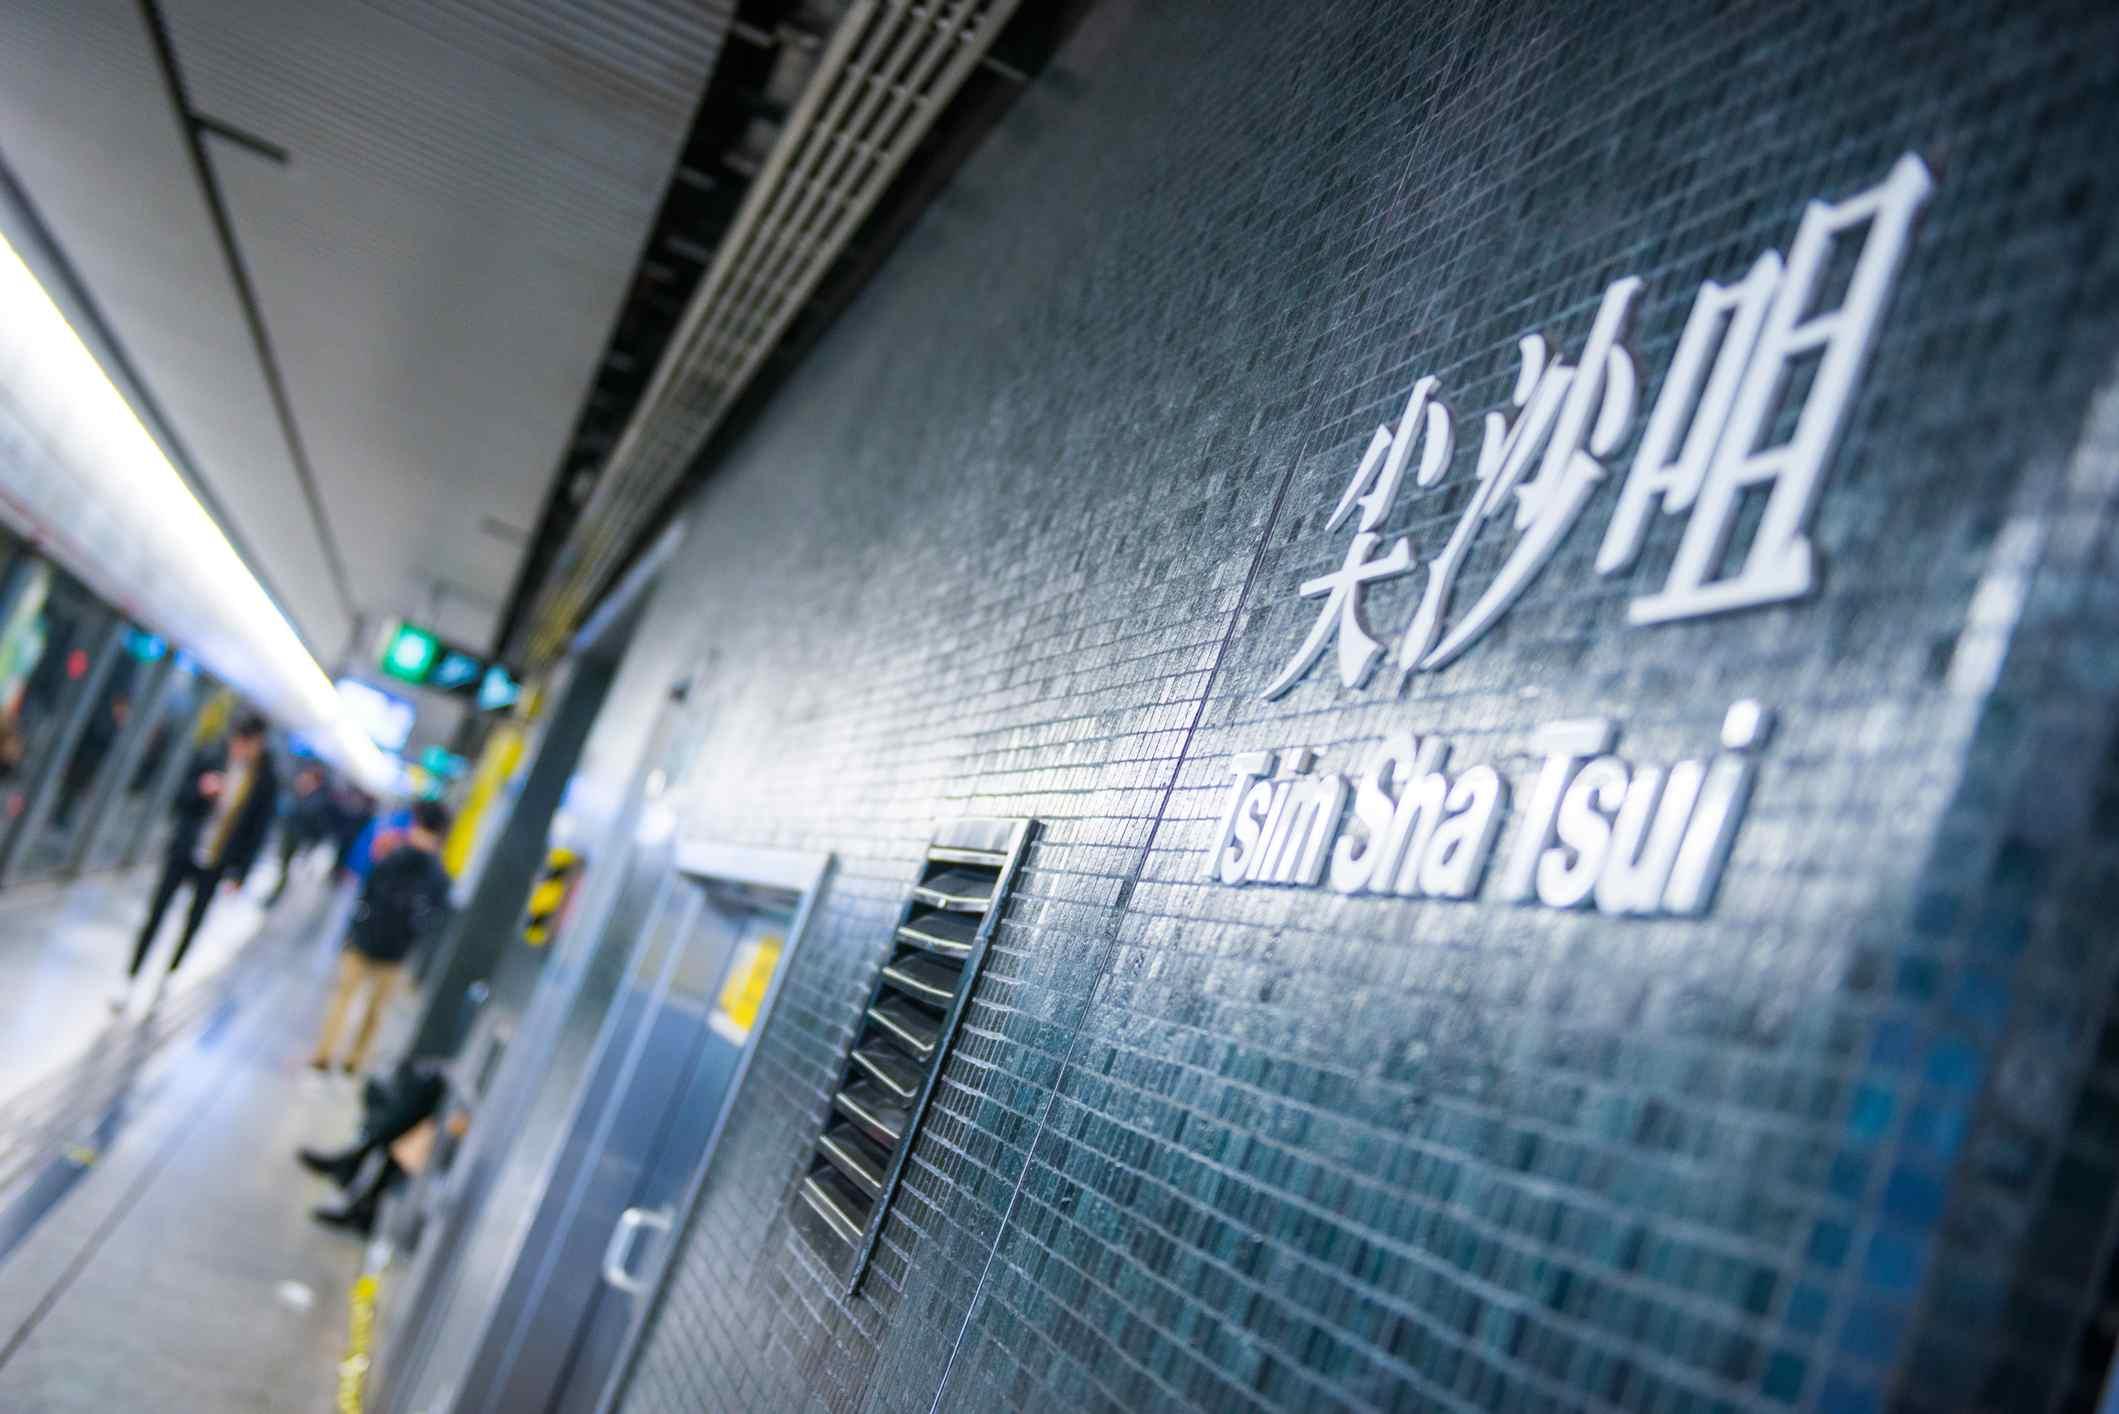 Tsim sha tsui subway station in Kowloon